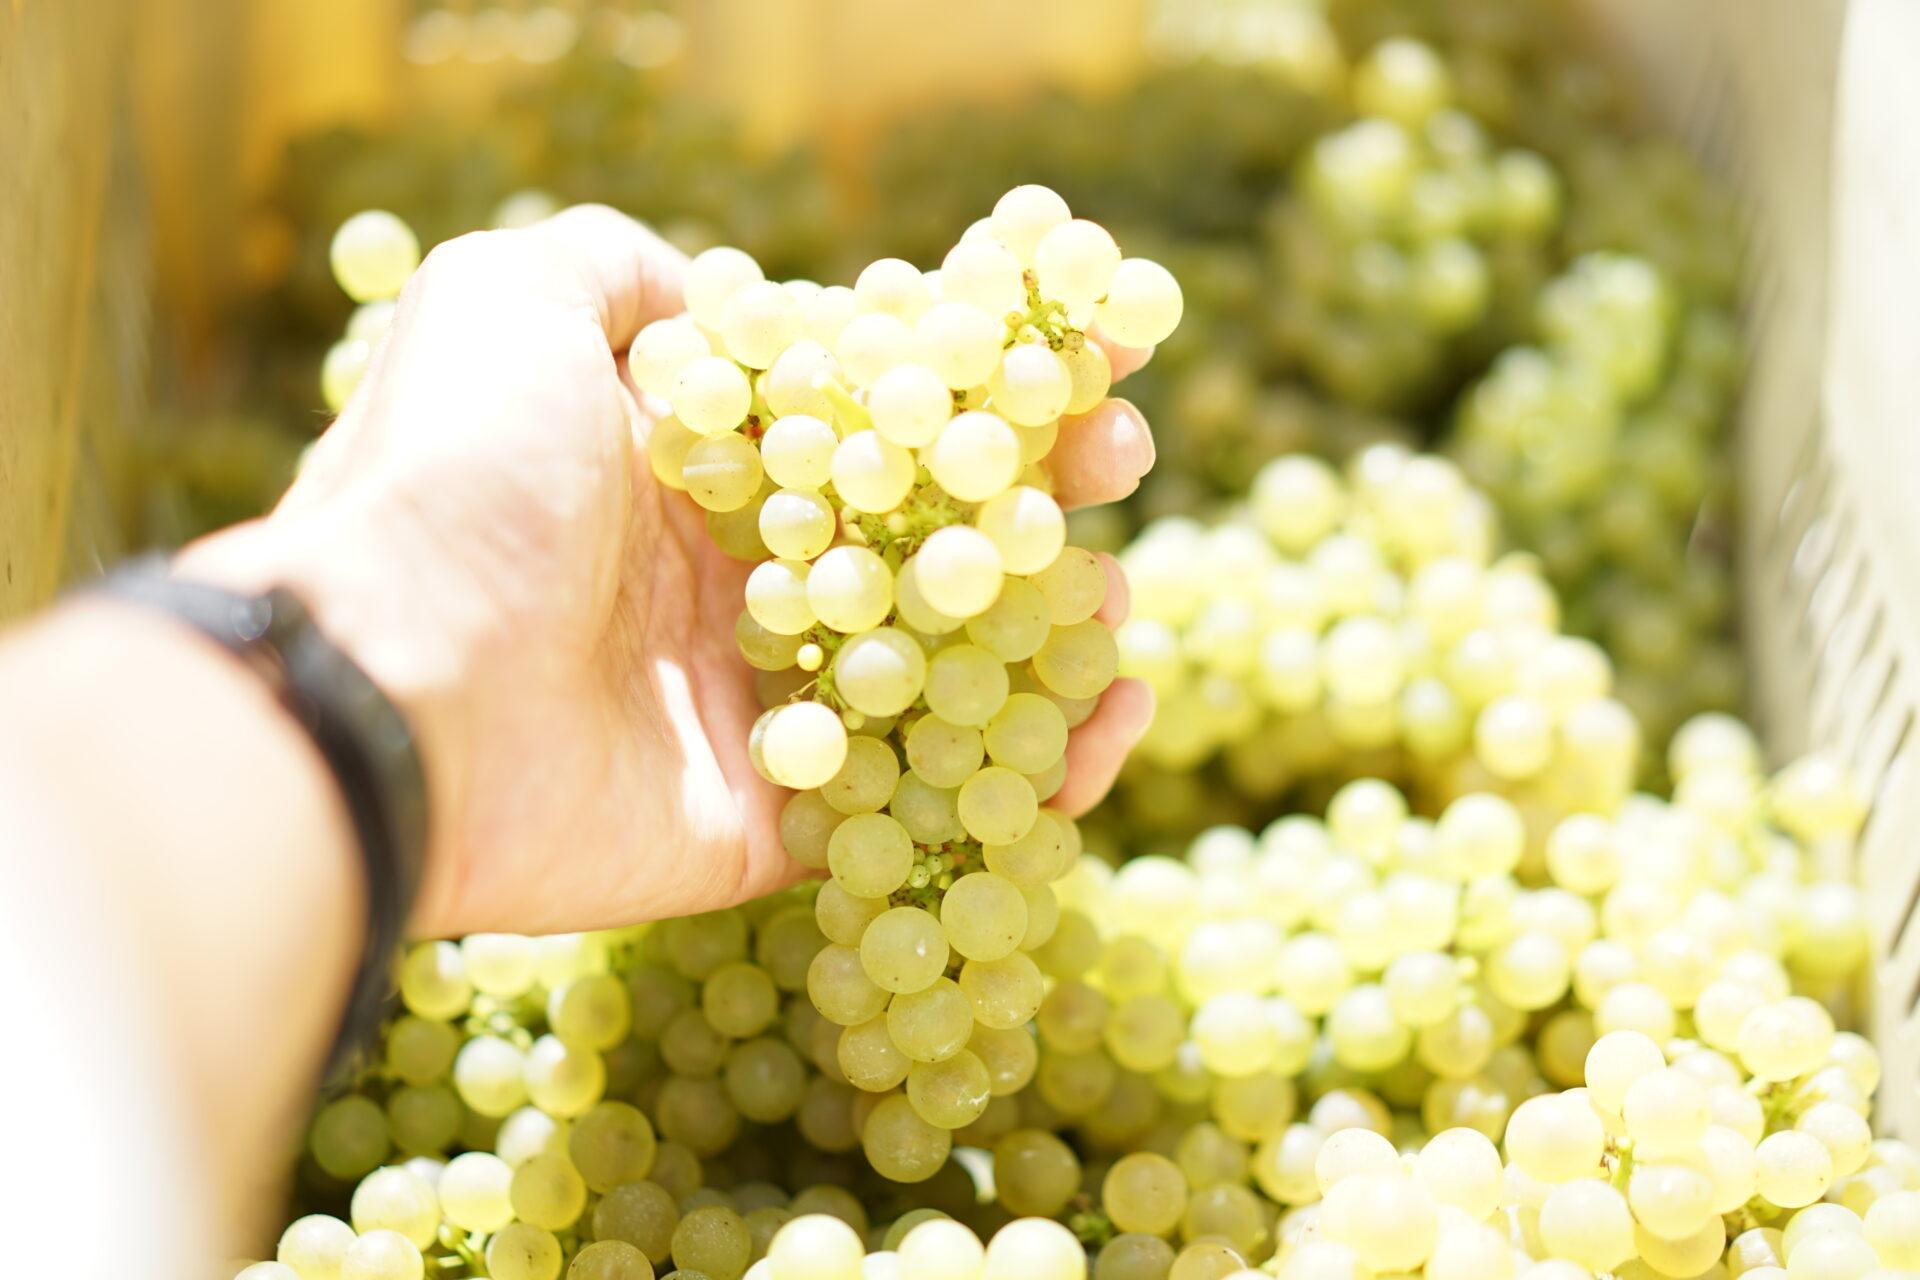 秋田県でワインブドウを栽培